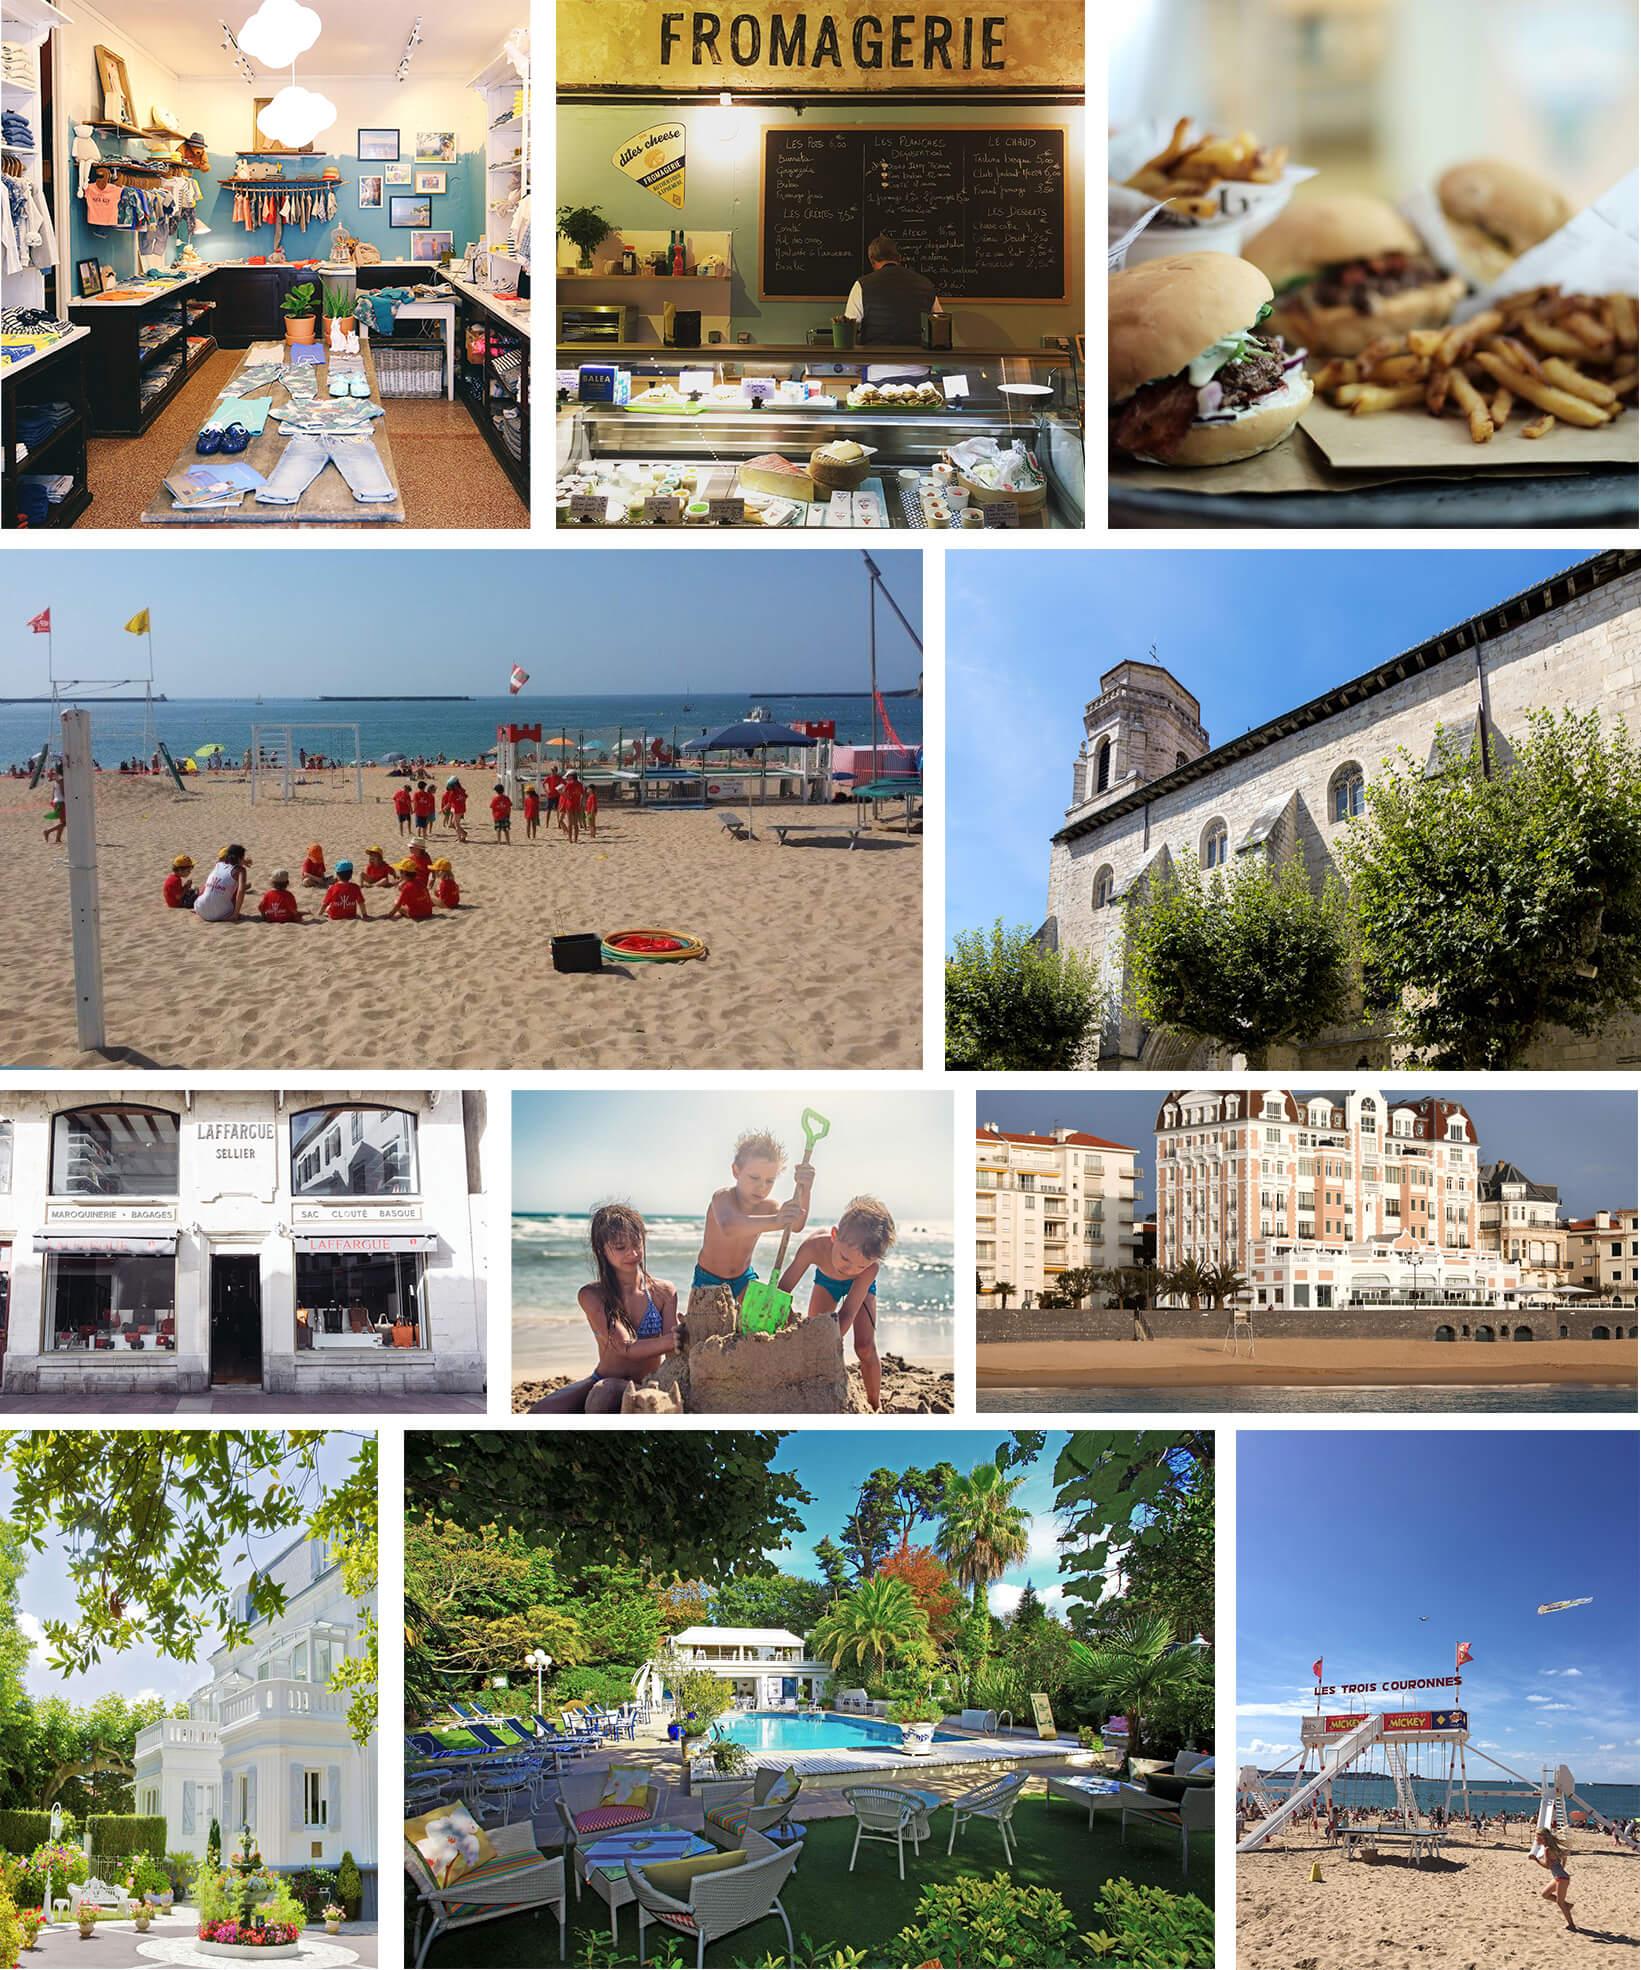 collage of Saint Jean de Luz, France